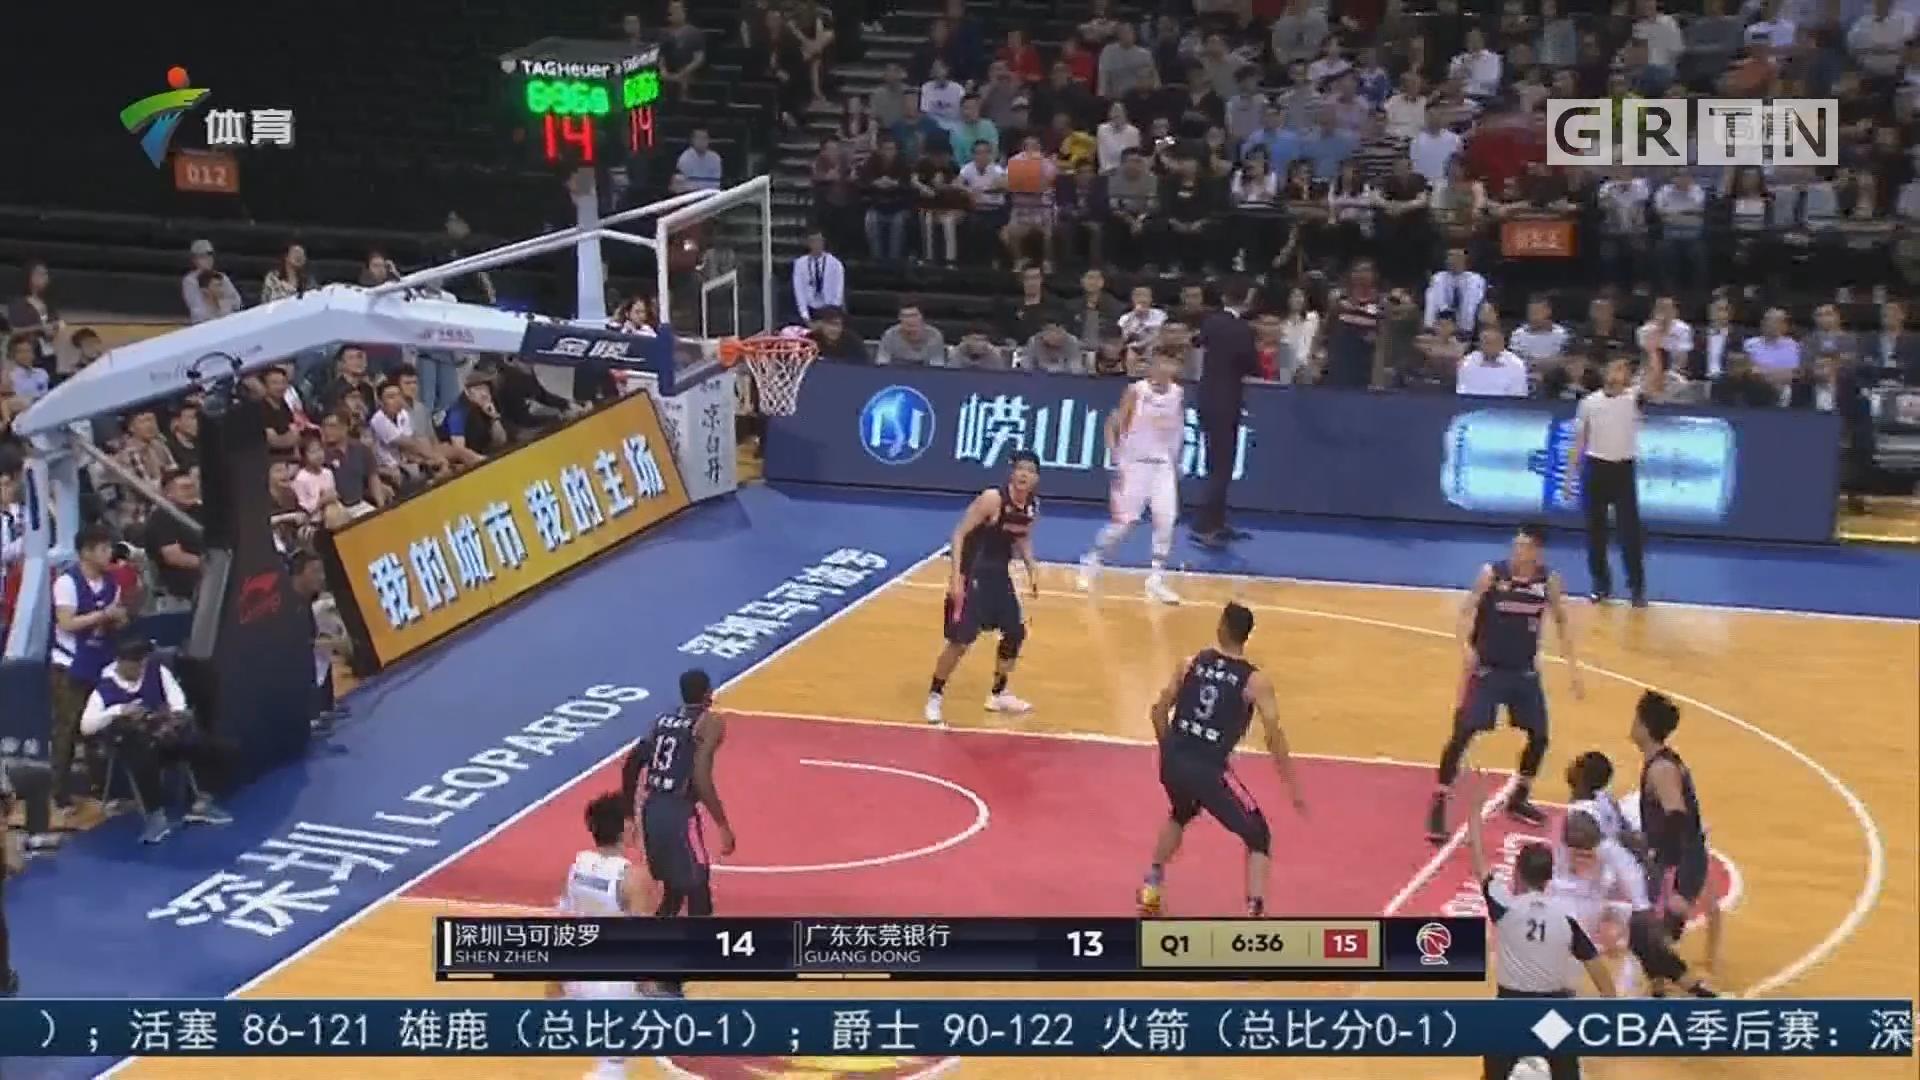 广东体育频道篮球评述员——吴嘉骅